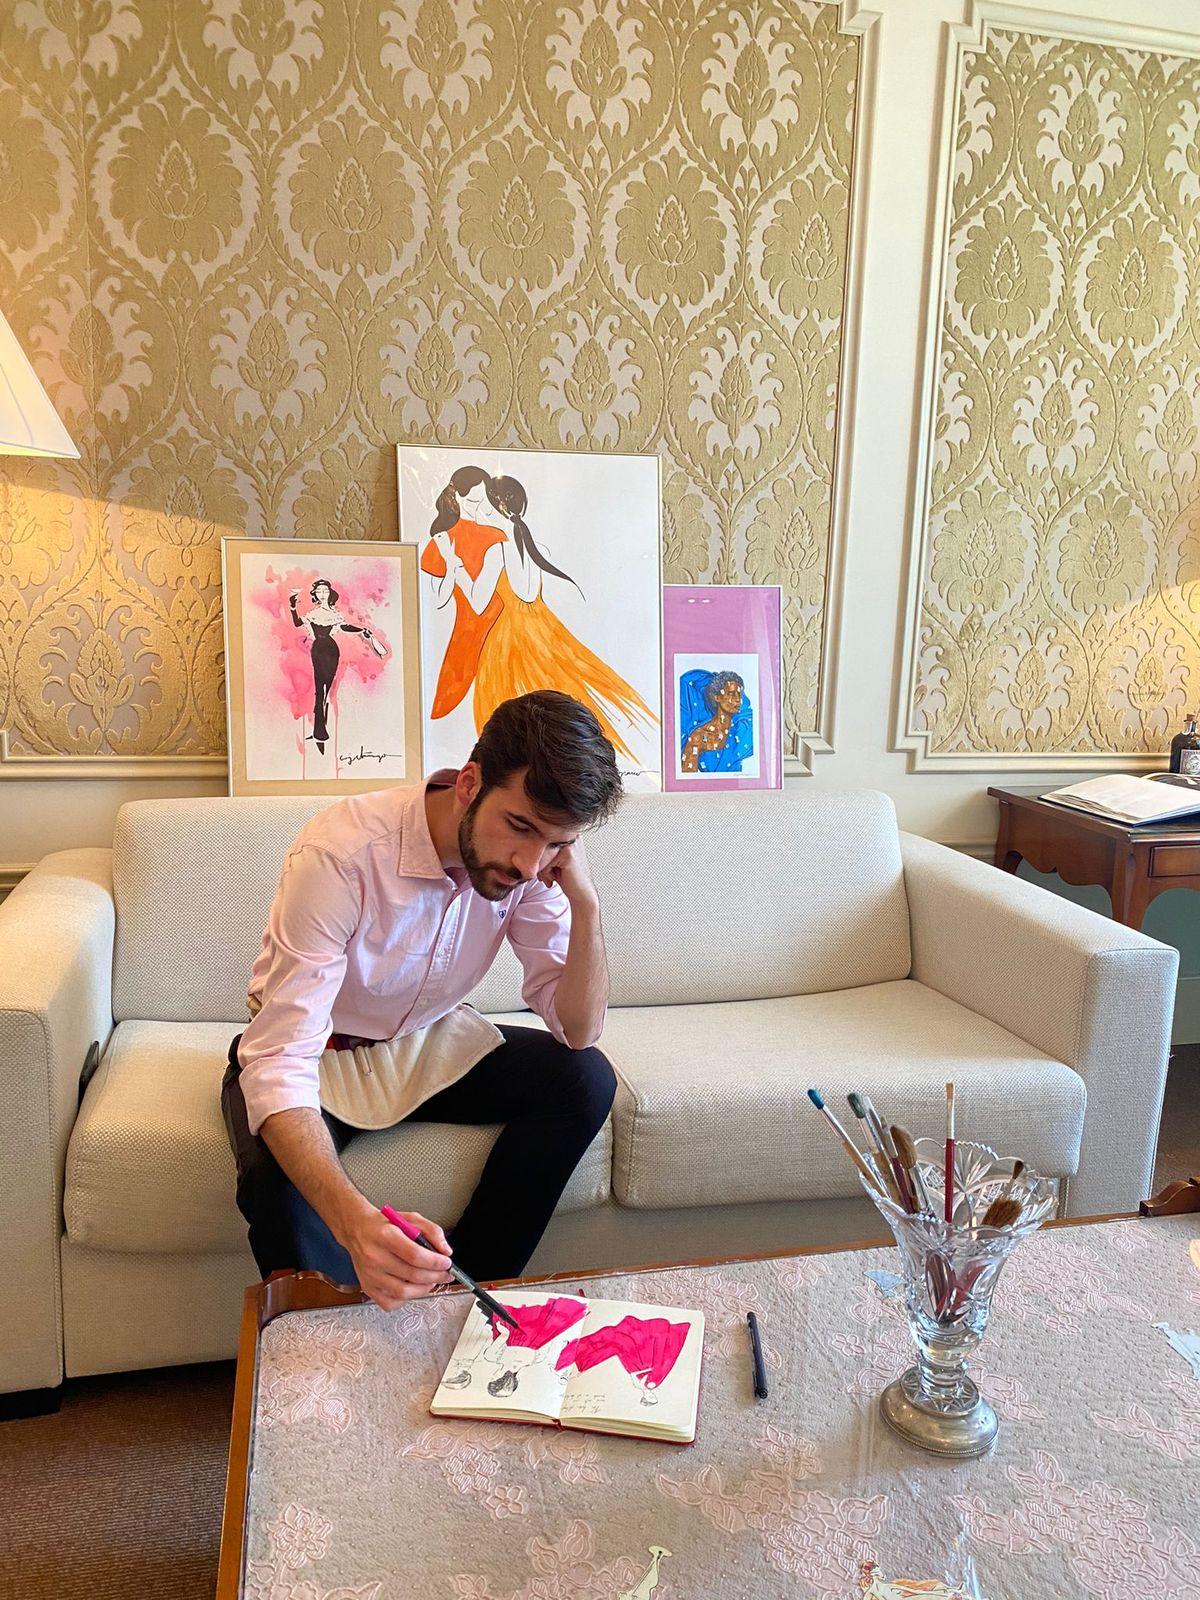 Künstler Joel Miñana hat sein Atelier im Luxushotel